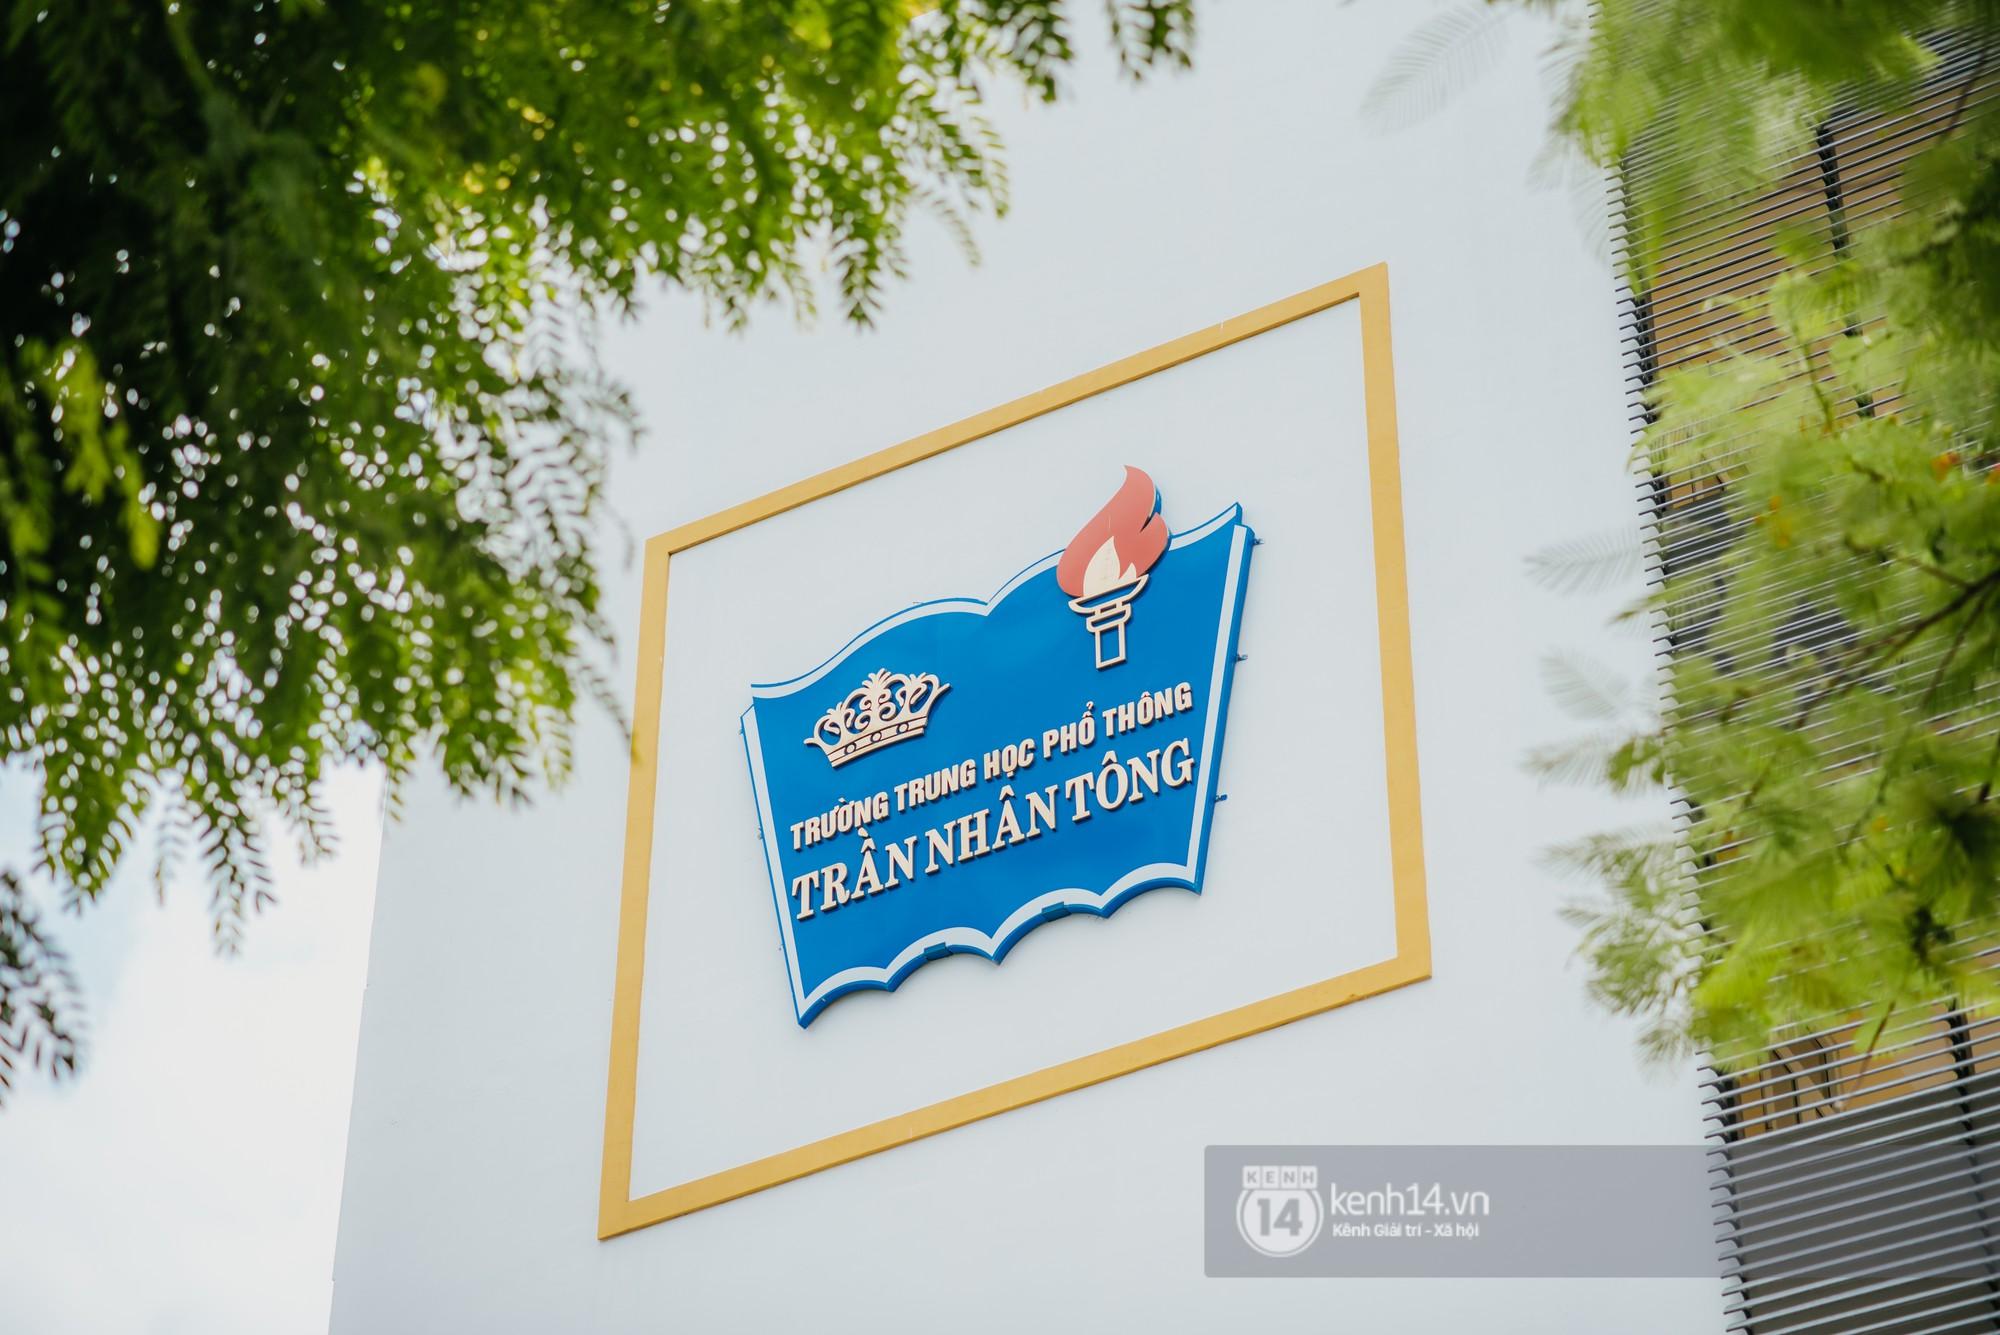 Xuất hiện ngôi trường cấp 3 công lập cao nhất Hà Nội, siêu đẹp và hiện đại với vô vàn góc sống ảo xịn sò - Ảnh 2.